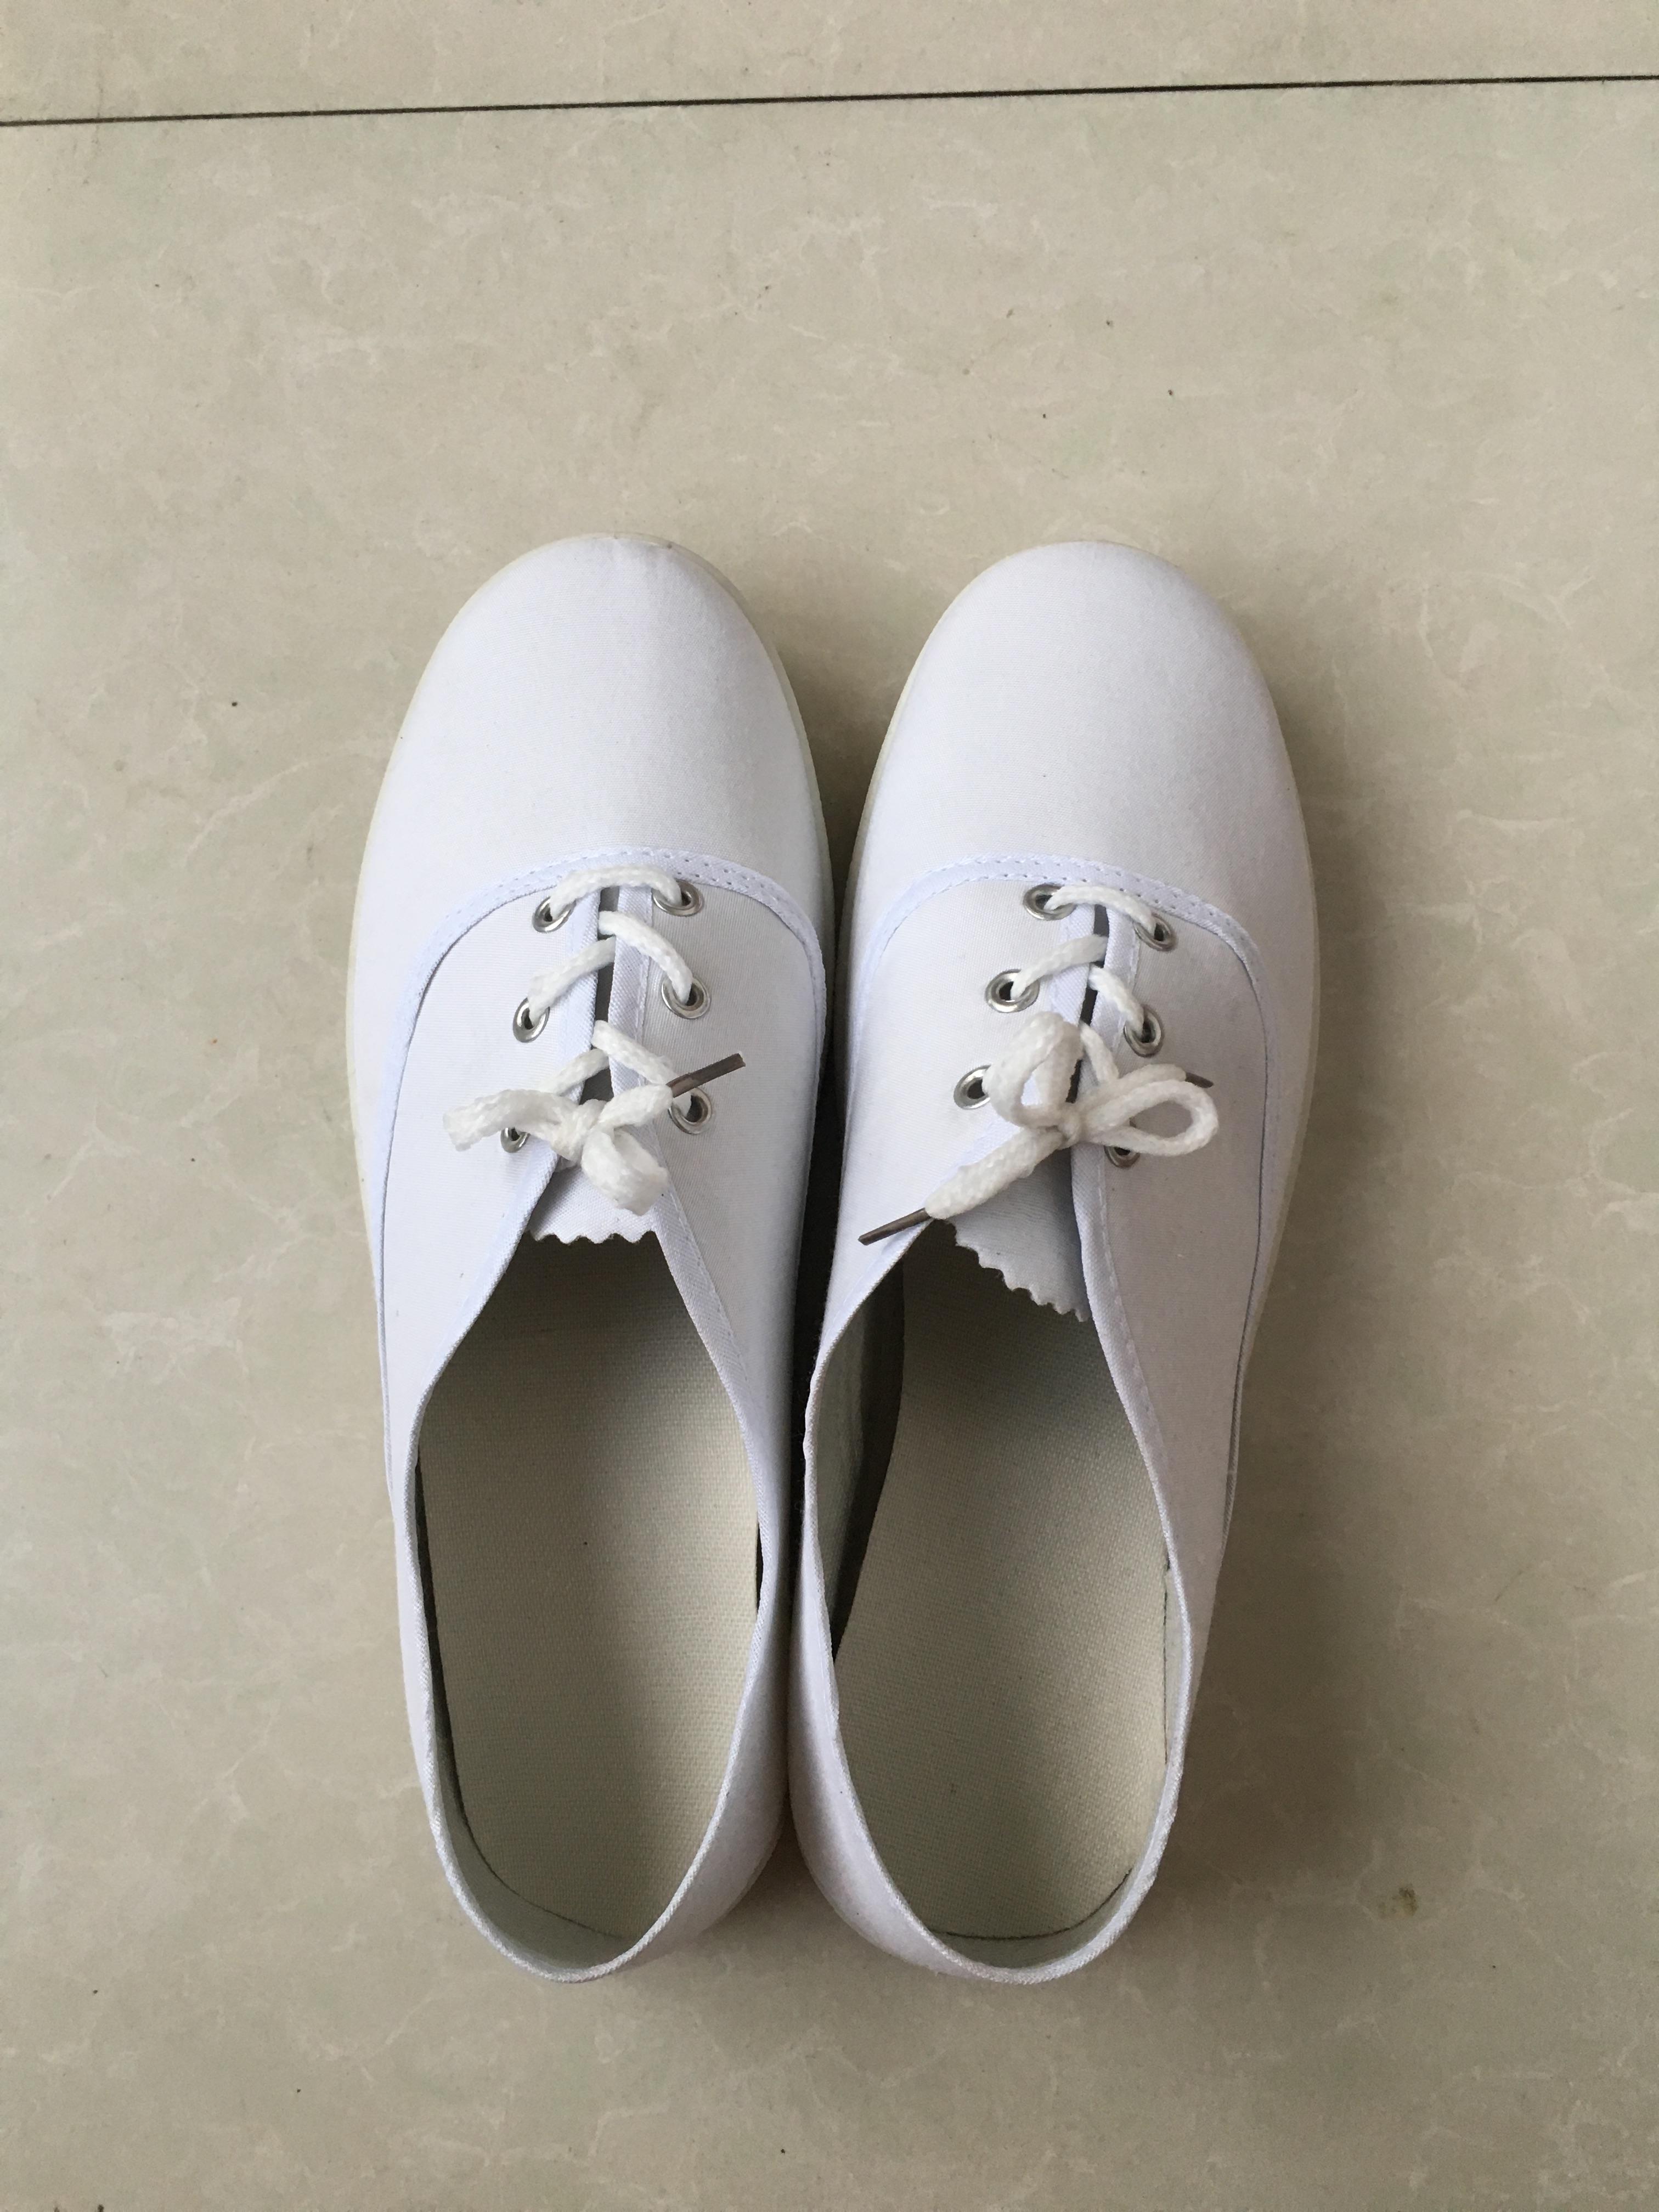 丧事白事白布鞋白孝鞋男女通用白球鞋白色系带劳保白鞋殡葬专用鞋